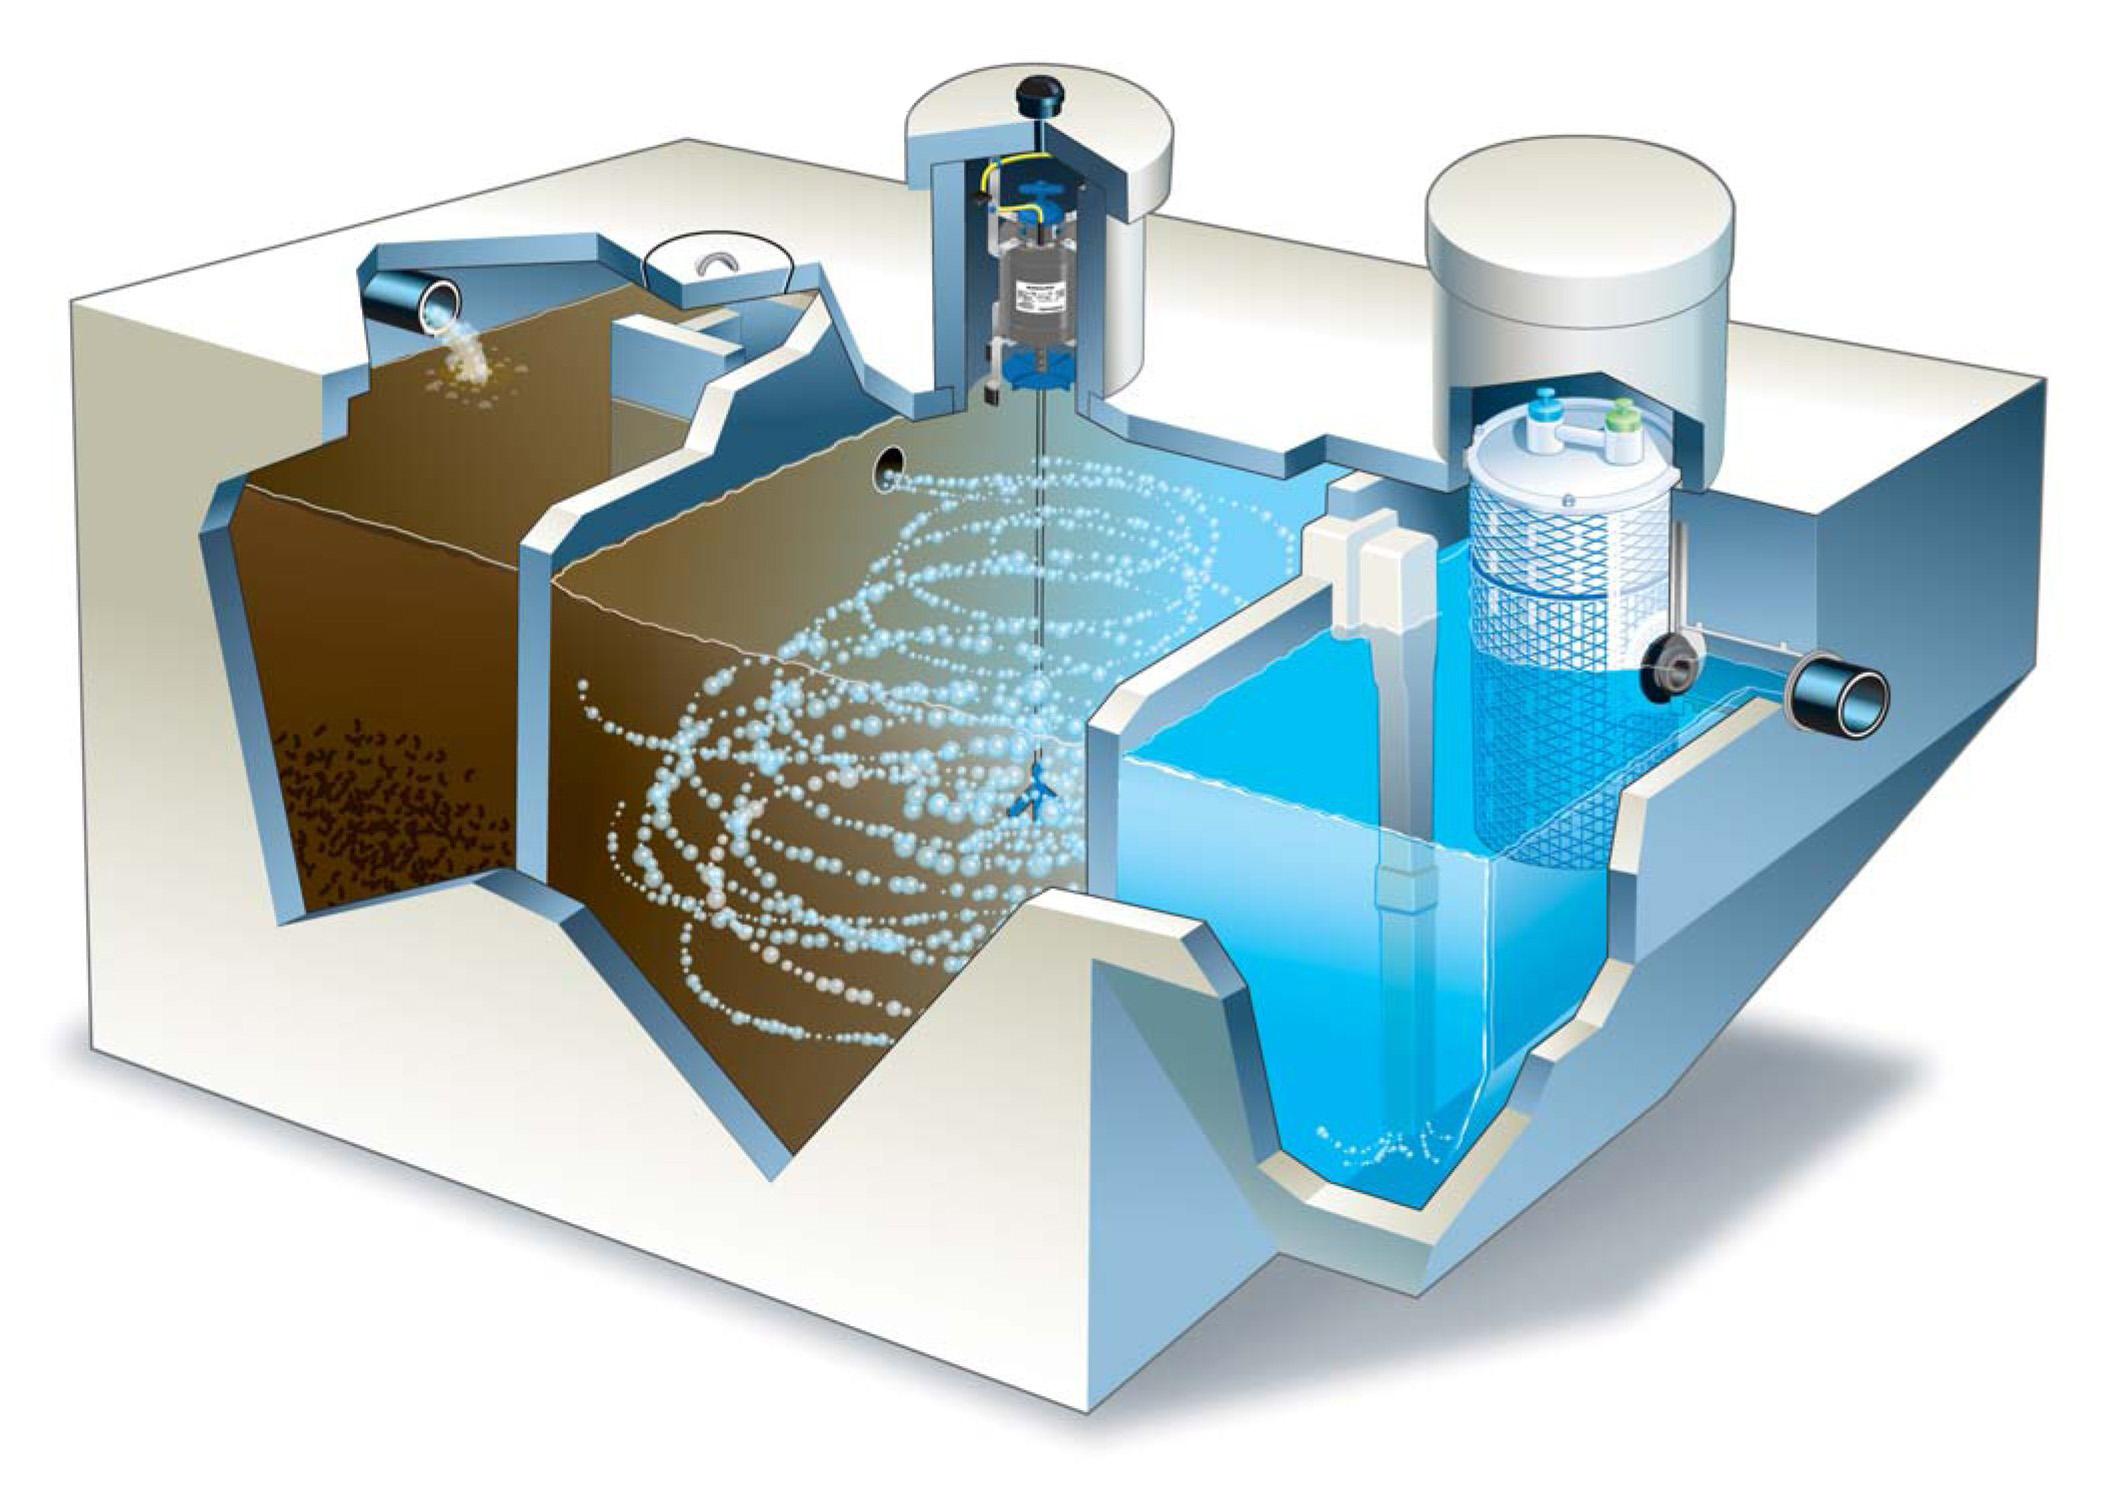 Tư vấn thiết kế- thi công hệ thống xử lý nước cấp